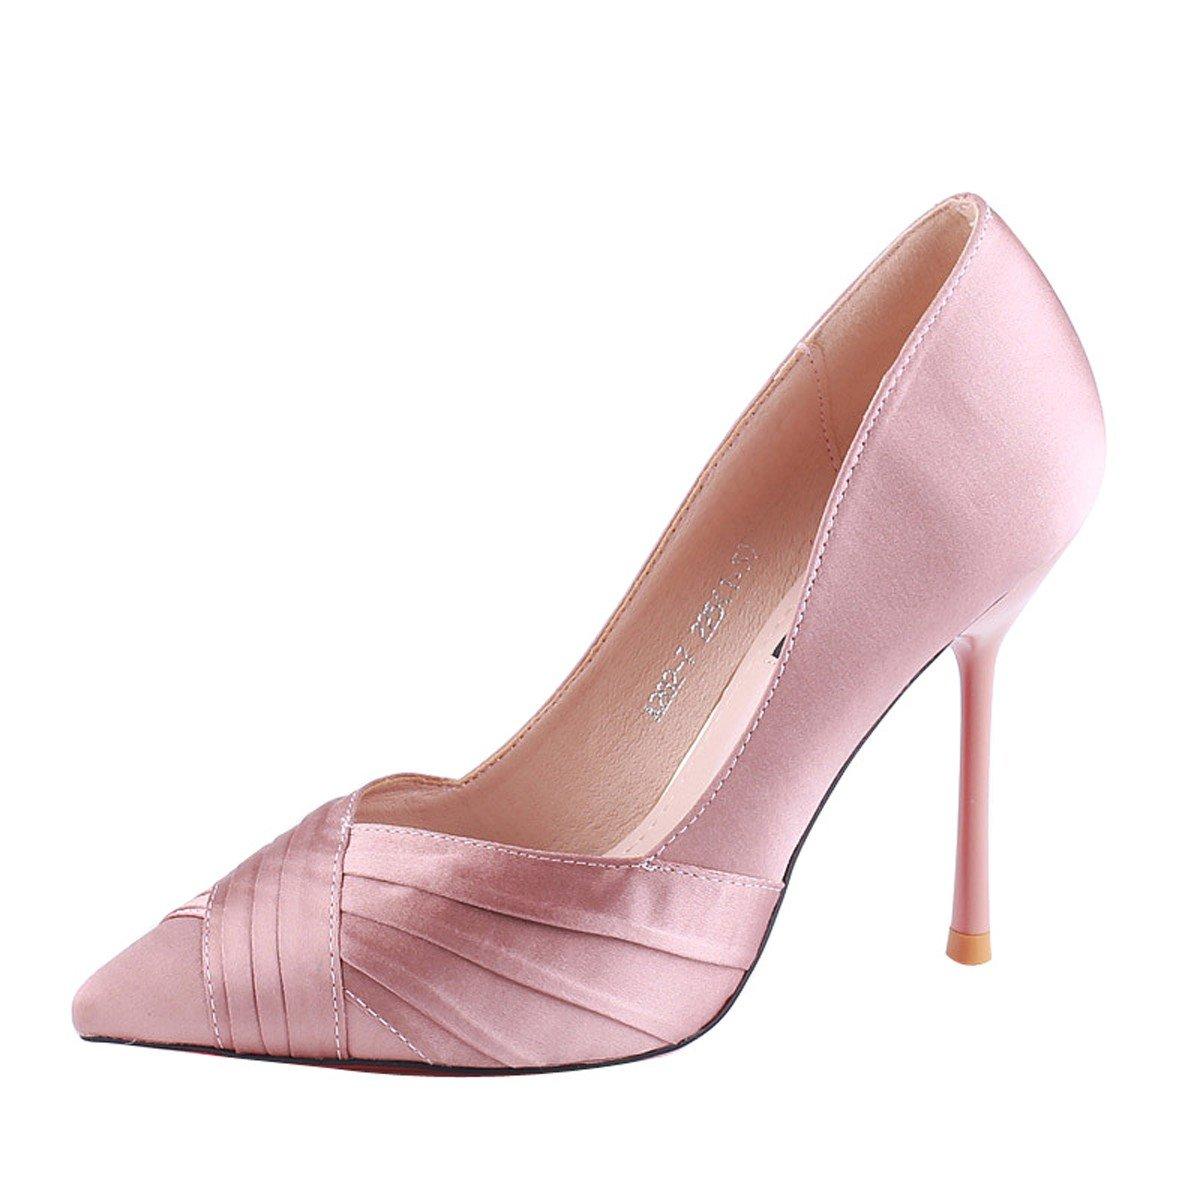 KPHY Zapatos de Mujer/Señaló El Pelo 10 Cm Zapatos De Tacon Alto Delgado Y Superficial De Boca De Moda De Sexy Otoño Solo Los Zapatos.Treinta Y Cuatro Color Champagne Thirty-four|Champagne color